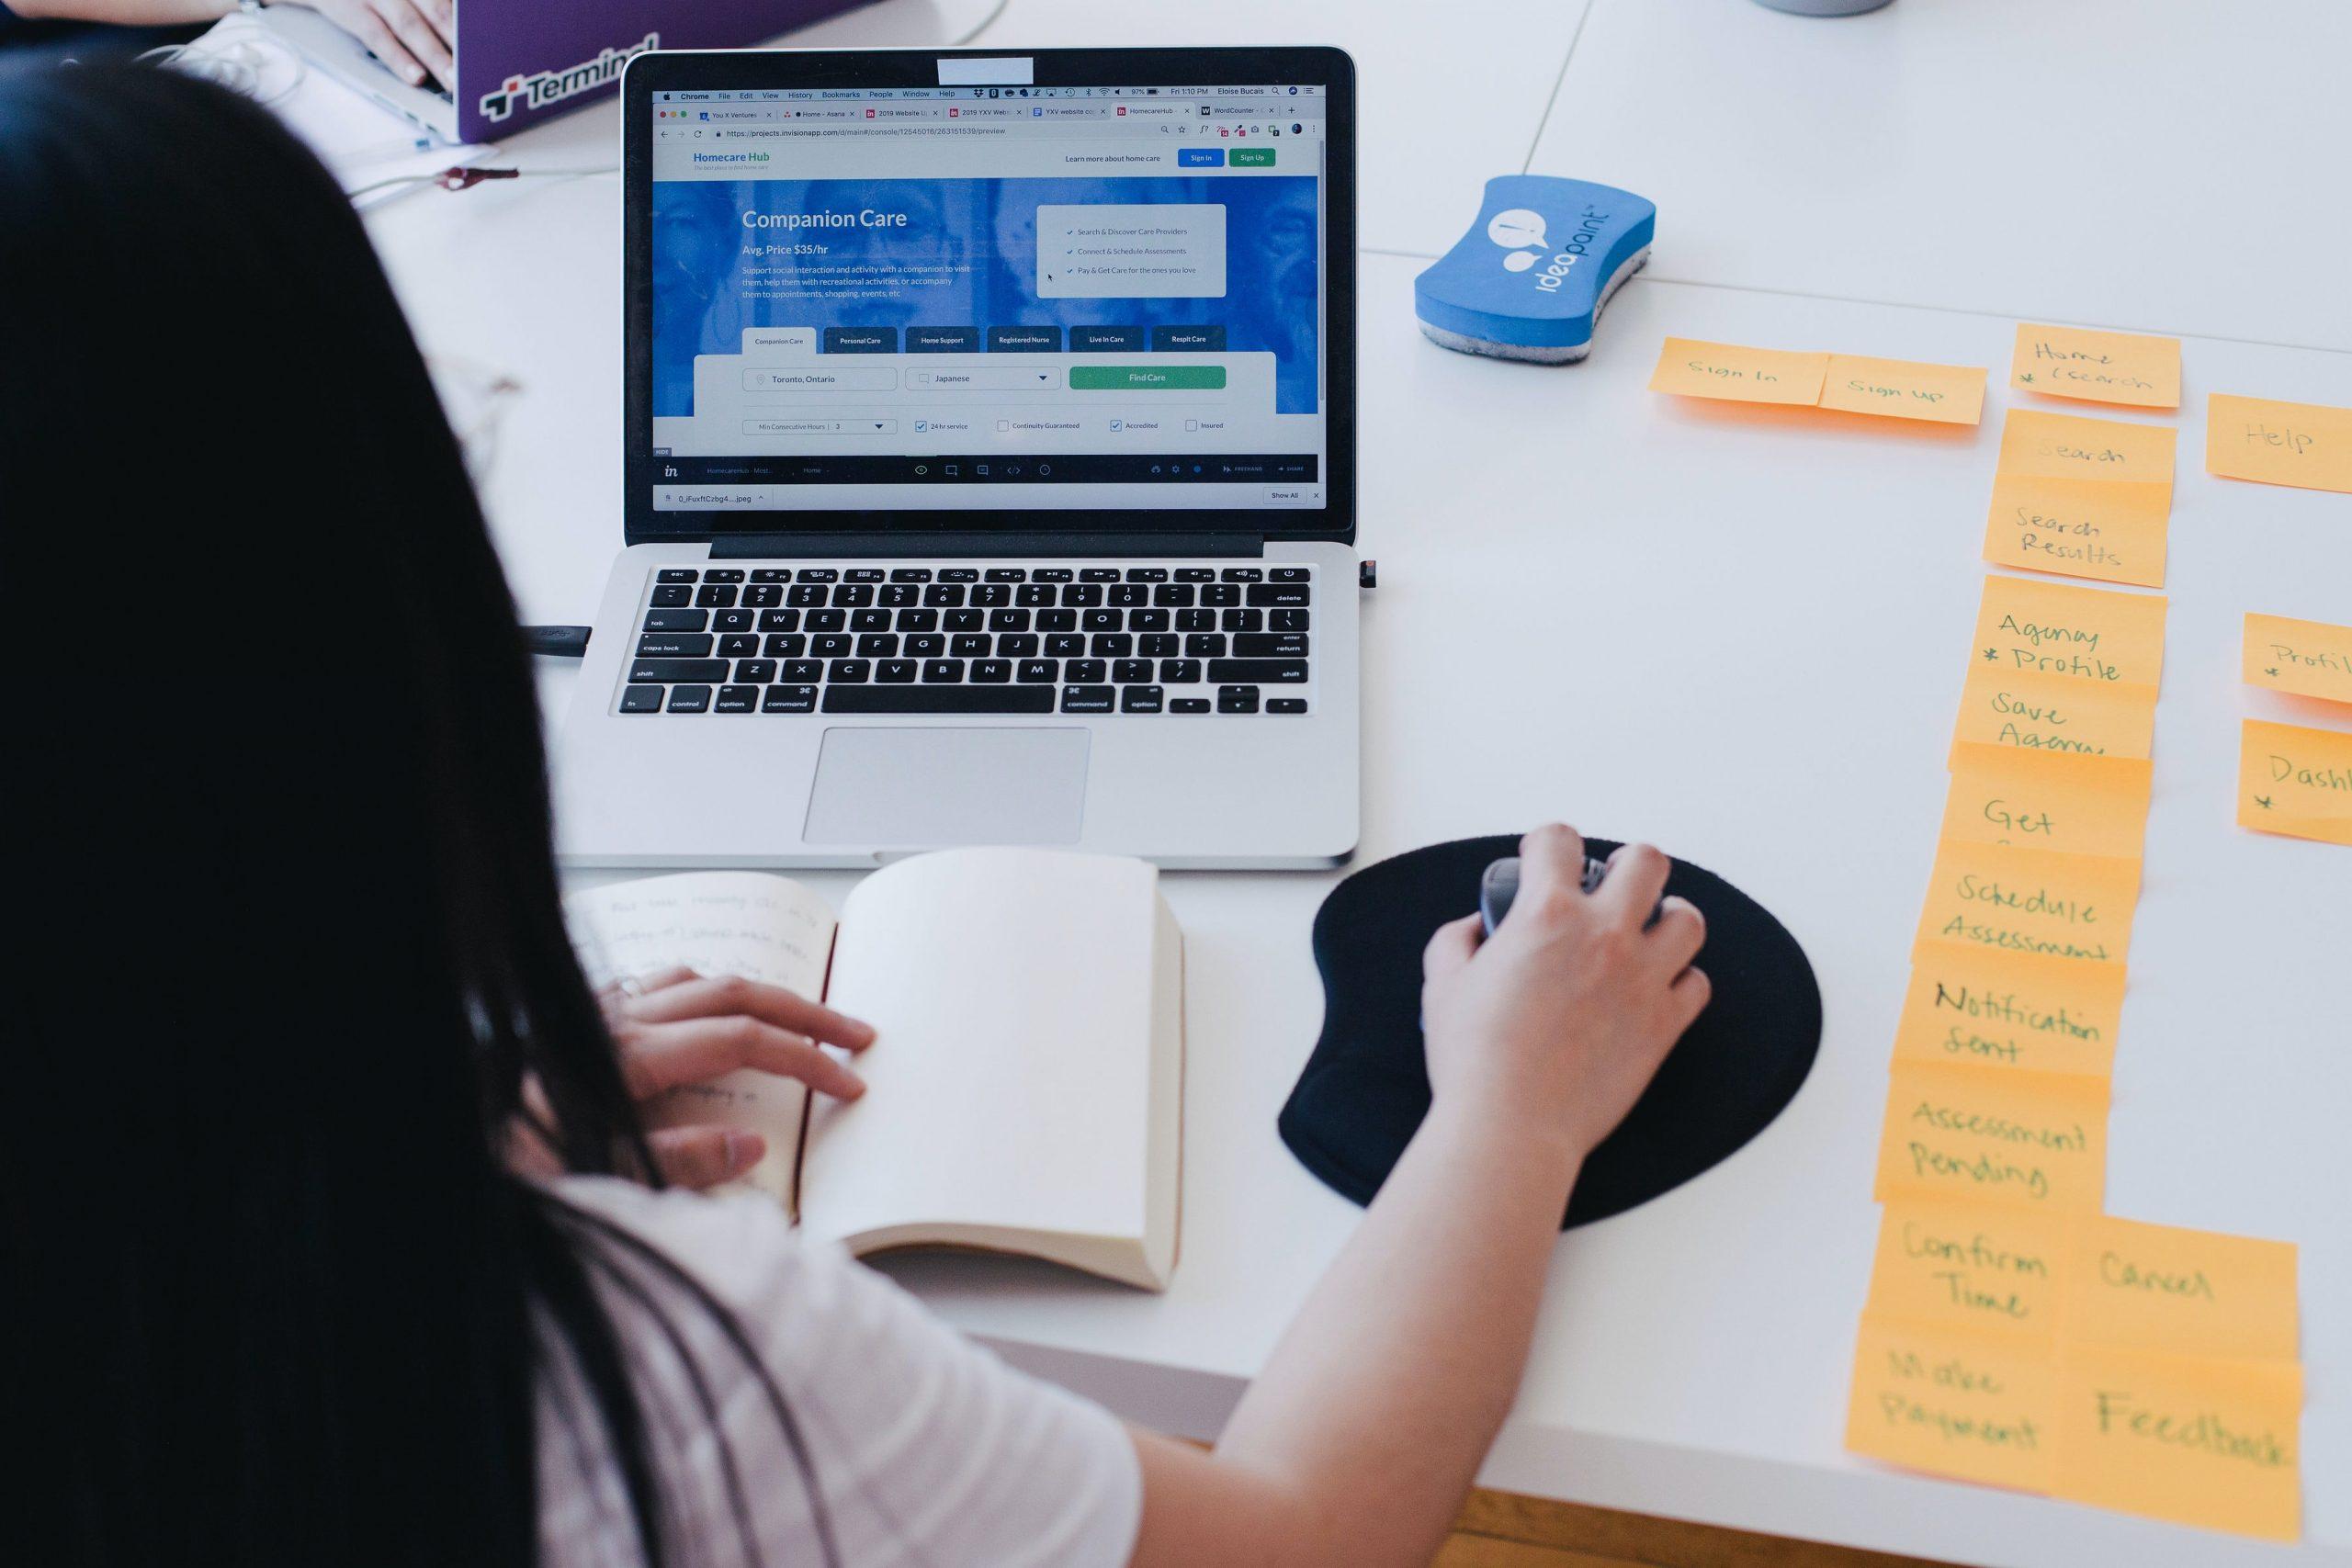 arantxa-vico-digital-marketing-agencia-palma-mallorca-baleares-online-comunicación-redes-sociales-publicidad-consultoría-asesoría-inbound-influencer-formación-community-manager-social-media